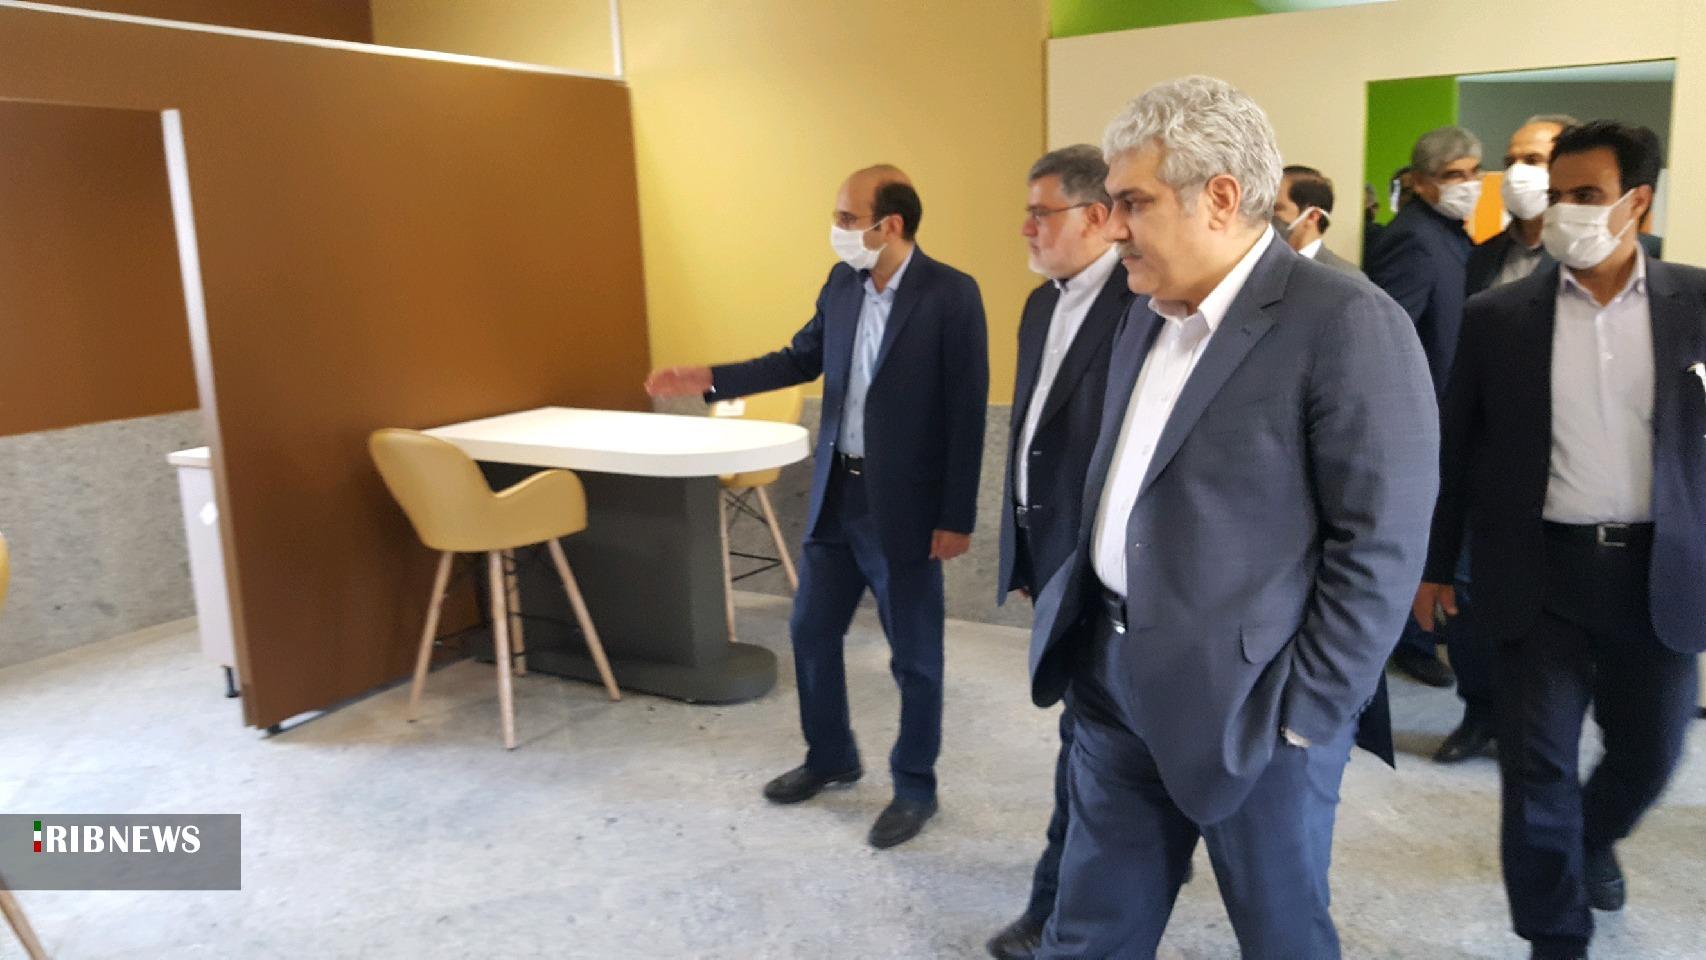 افتتاح مراکز نوآوری دانشگاه صنعتی بیرجند و فردوس